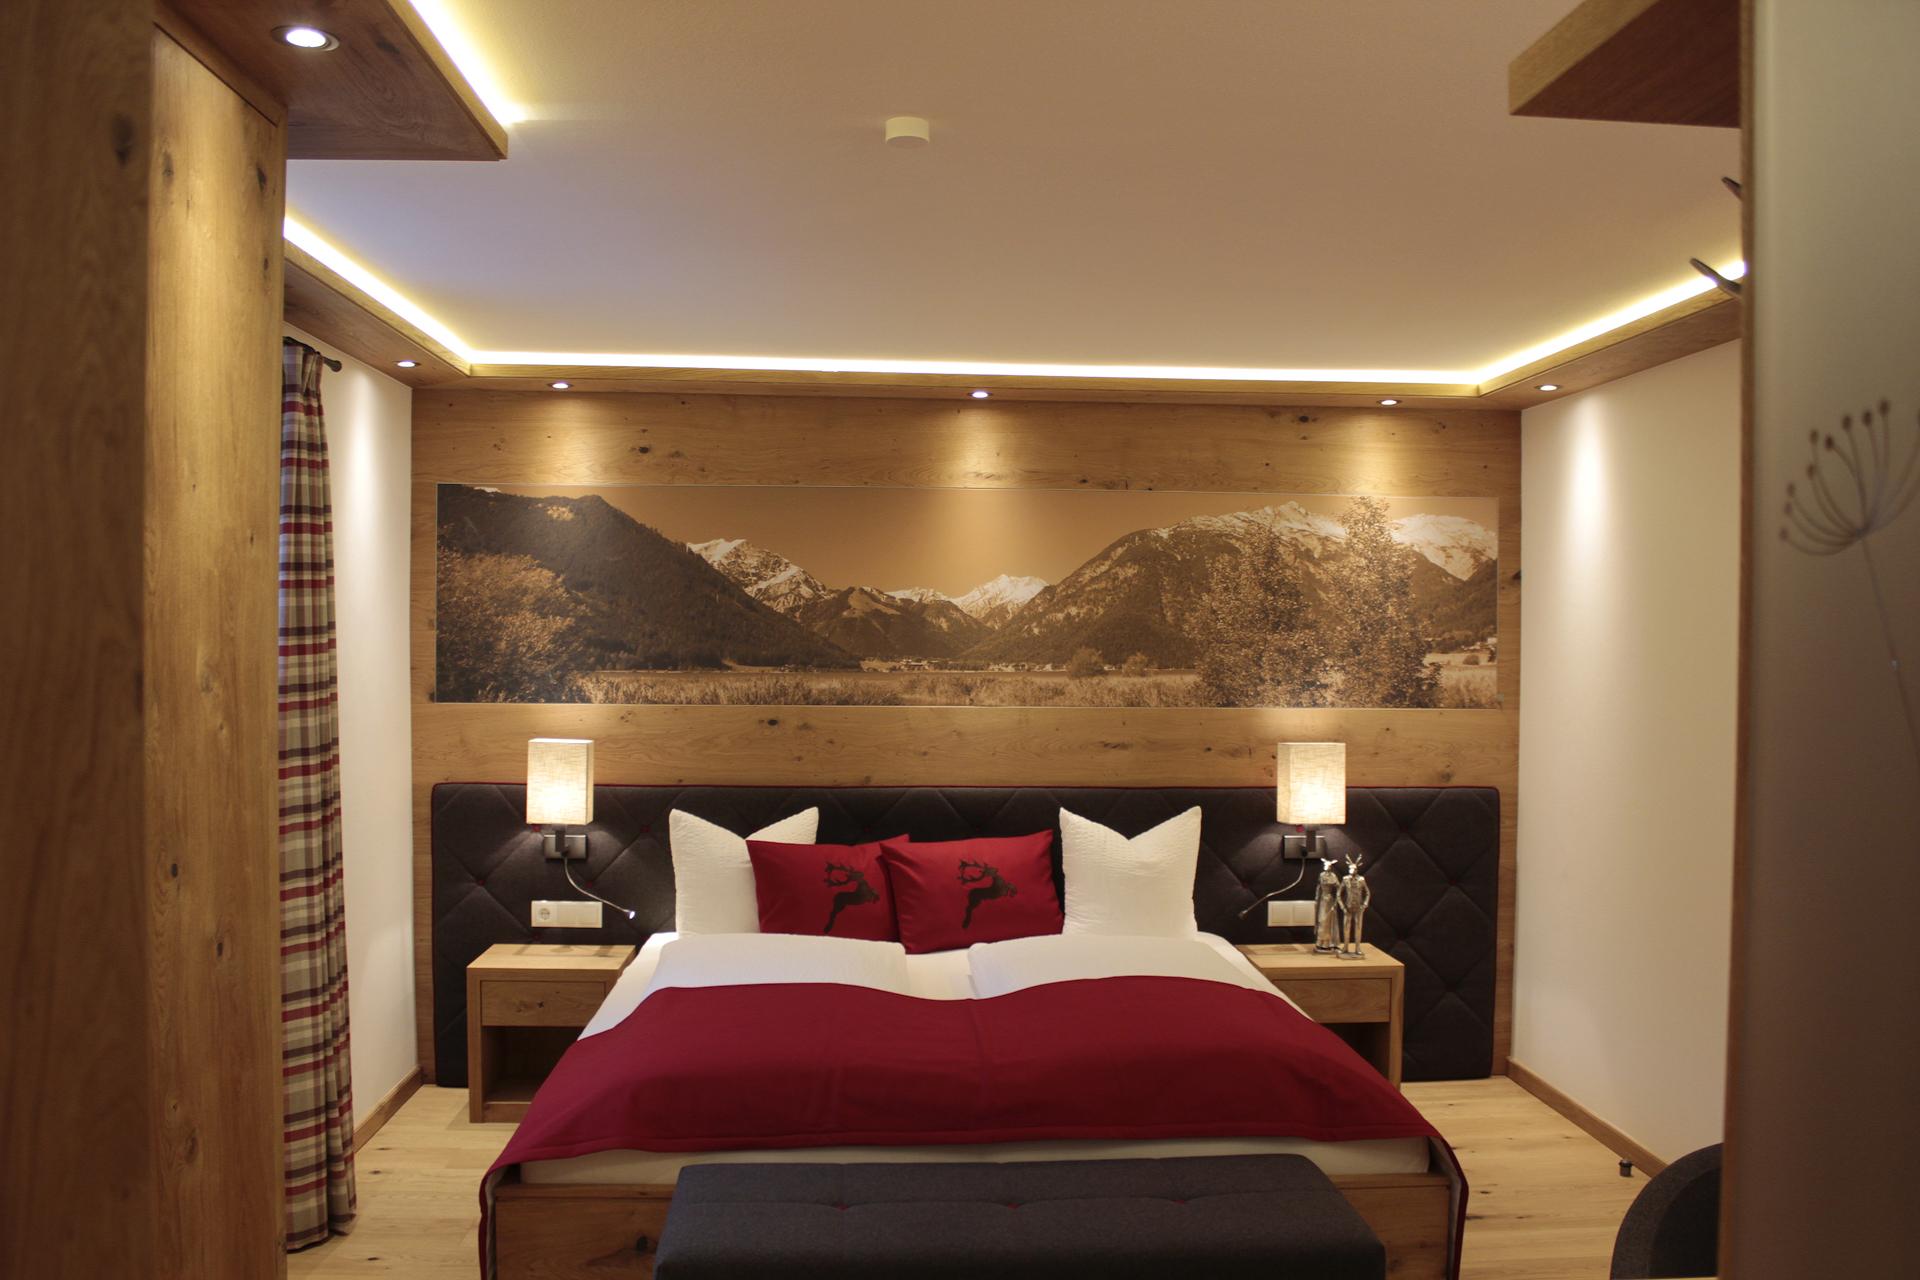 tischlerei-decker-tourismus-achenkirch-doppelzimmer